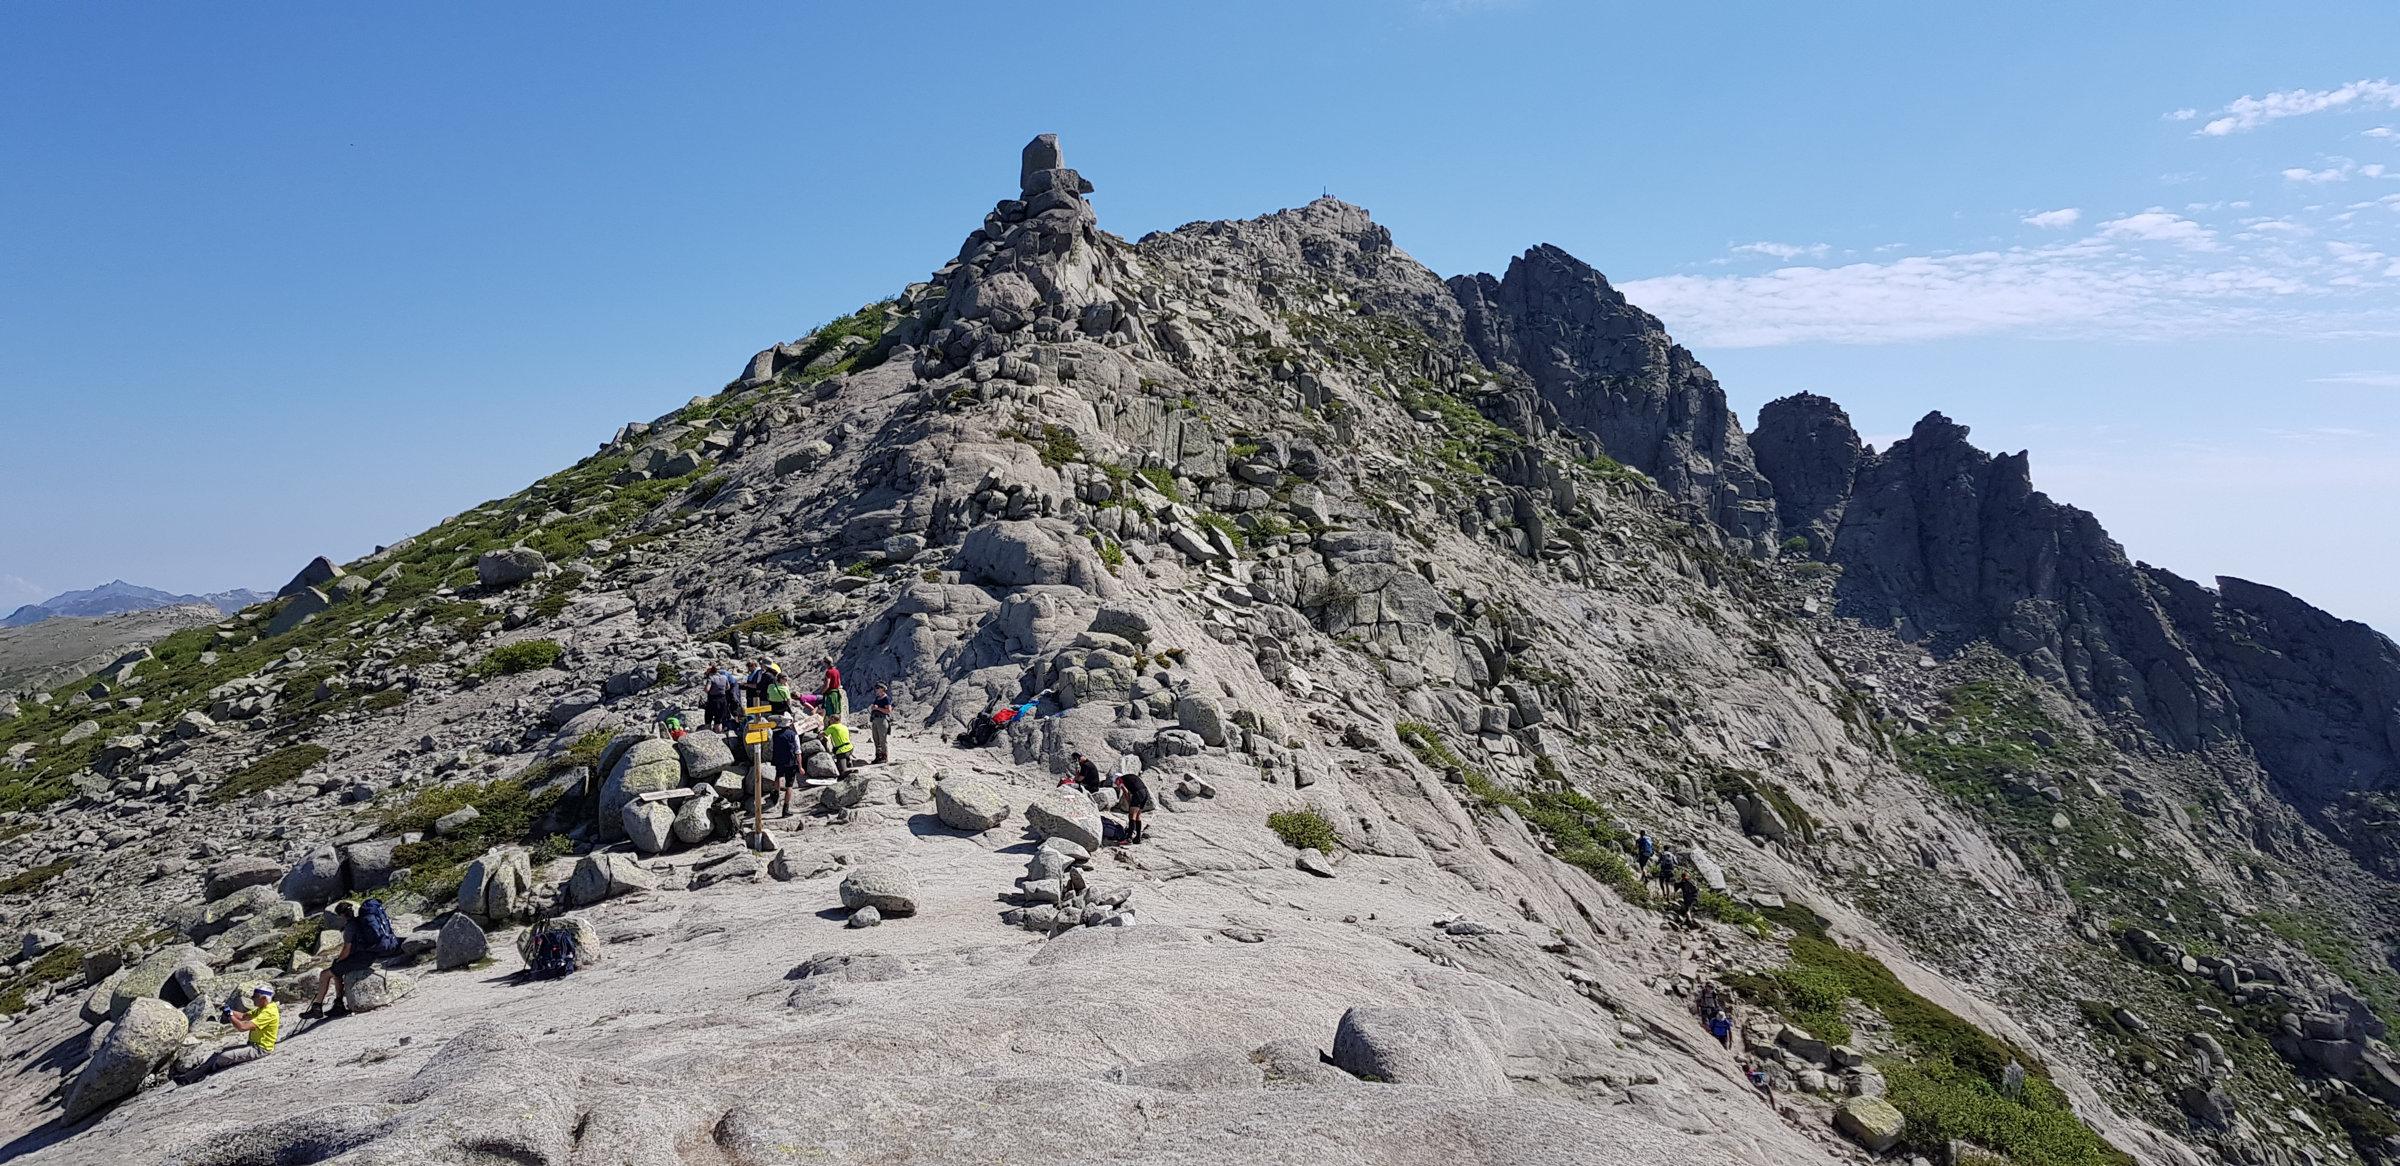 Am Pass, der Gipfel des Monte Incudine ist zum Greifen nah, Korsika, GR20 Weitwanderweg, Wandern, Berge, Frankreich